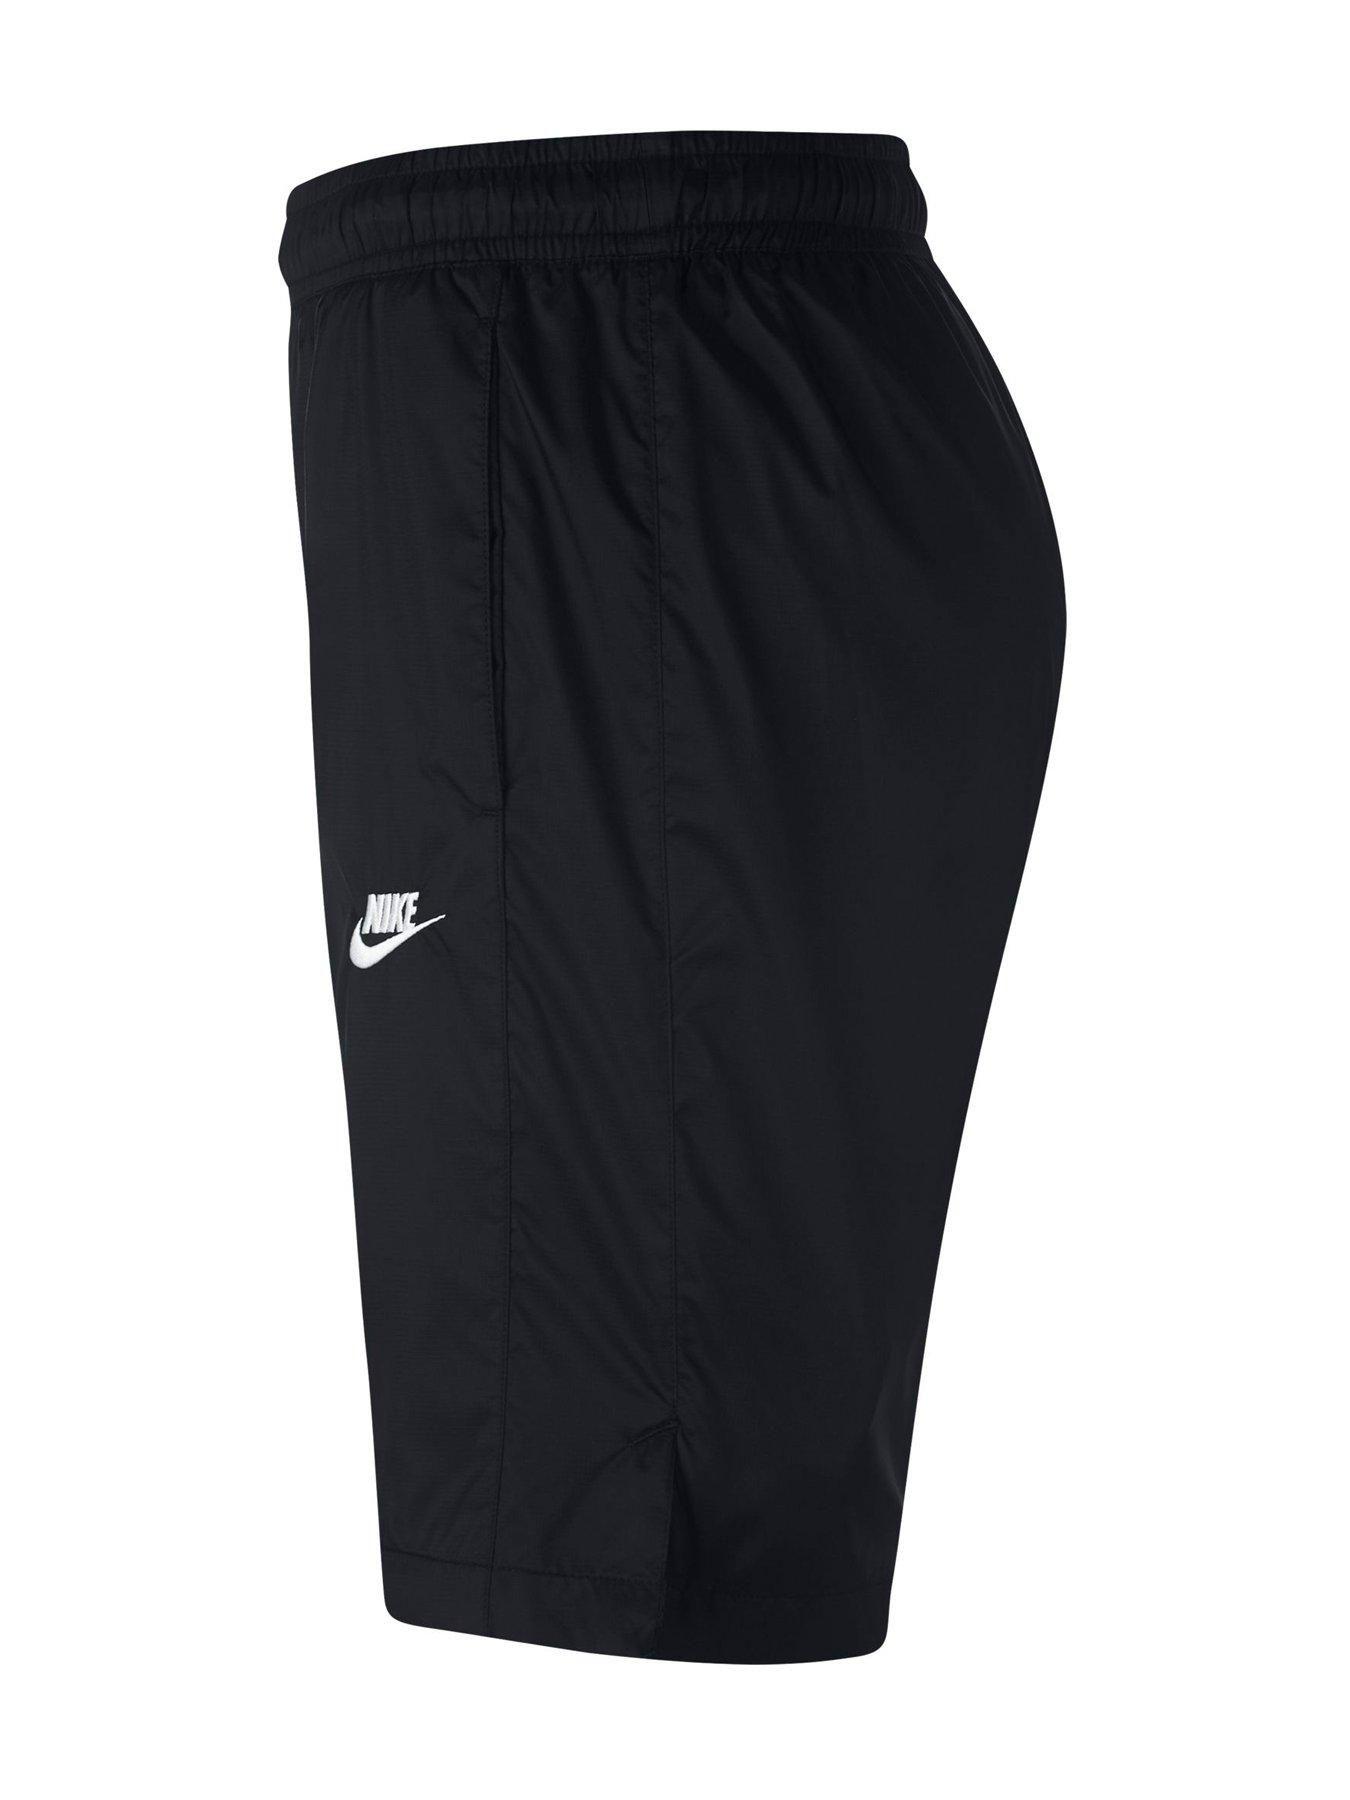 Nike Sportswear Woven Track Shorts Black Sportswear